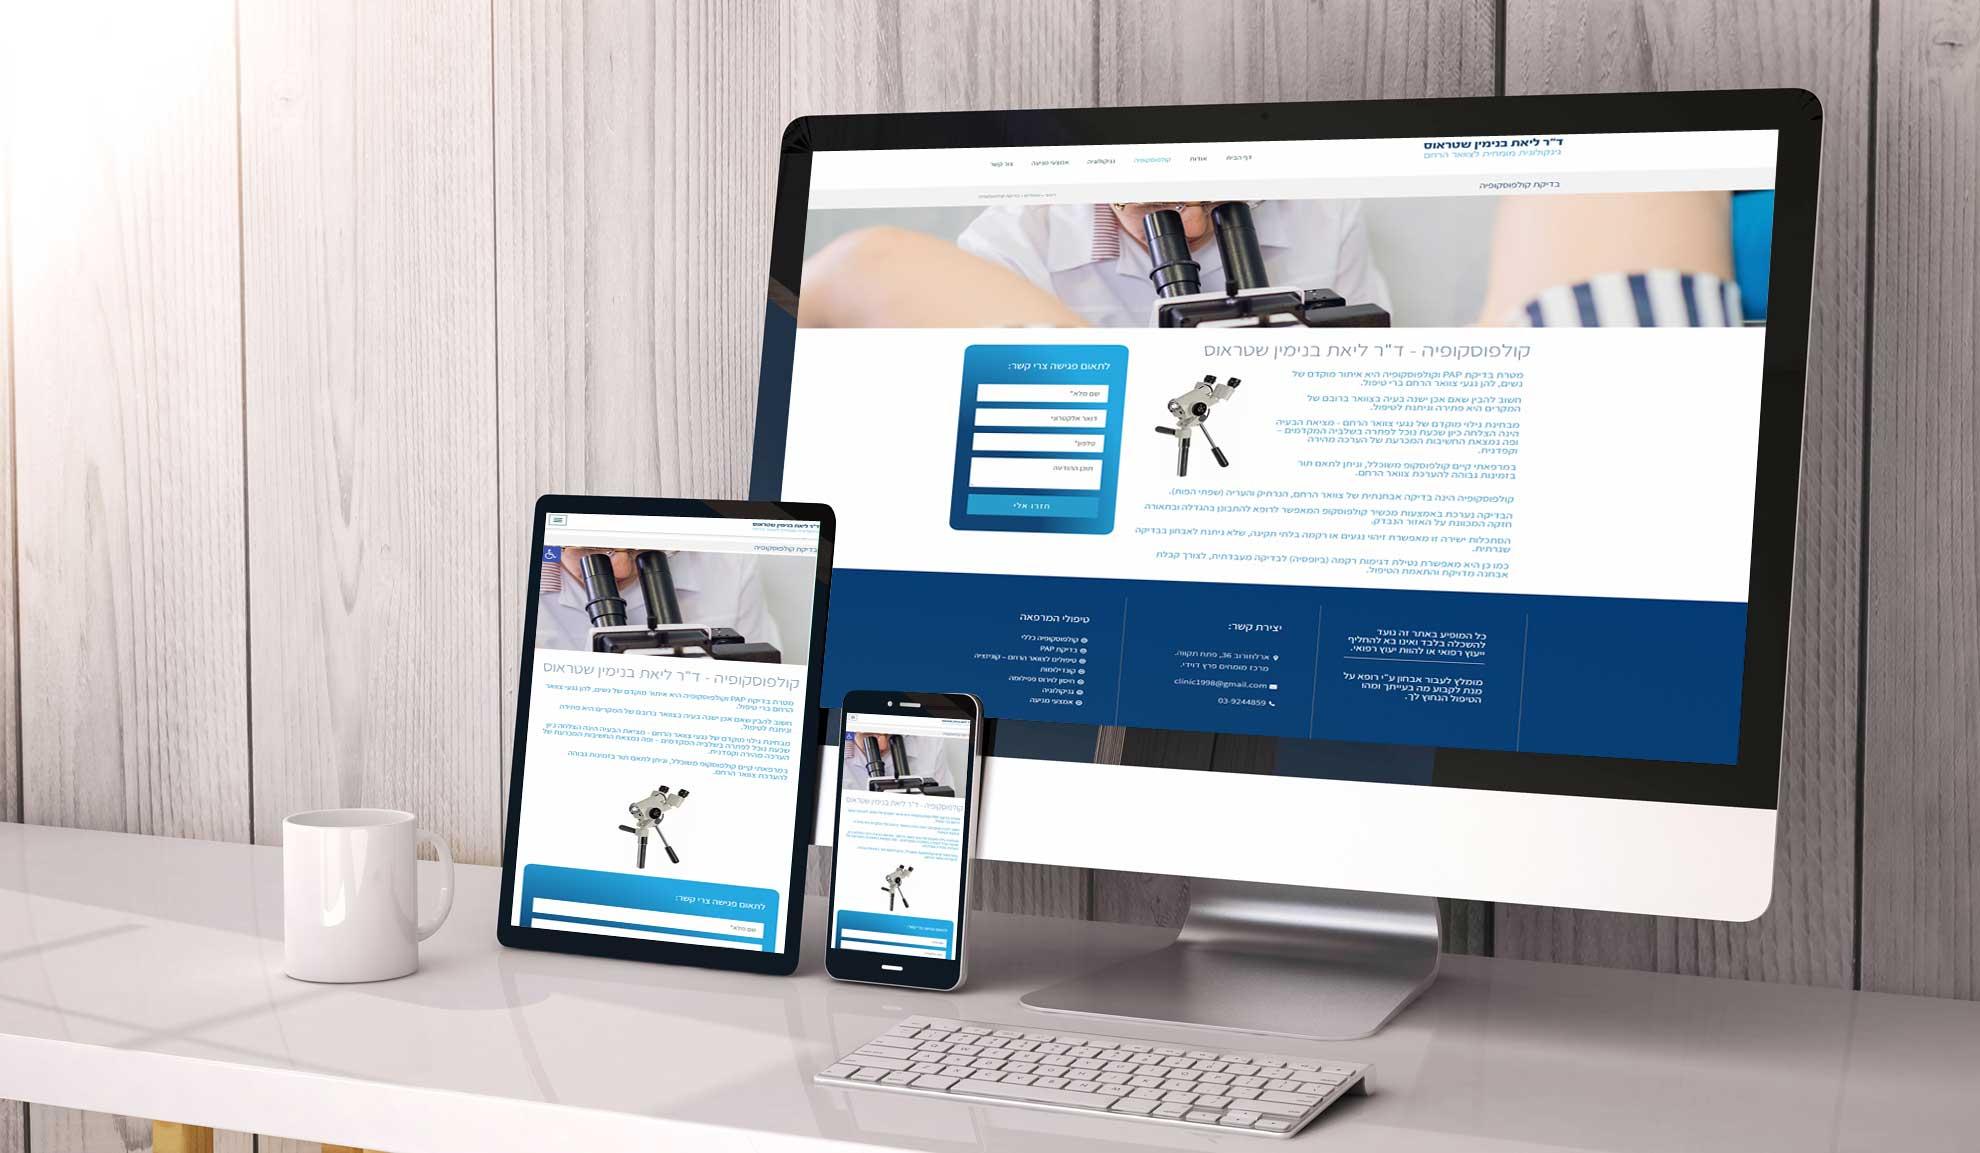 """מעוף עיצובים - עיצוב ובניית אתר תדמיתי לרופאה גינקולוגית ד""""ר ליאת שטראוס"""